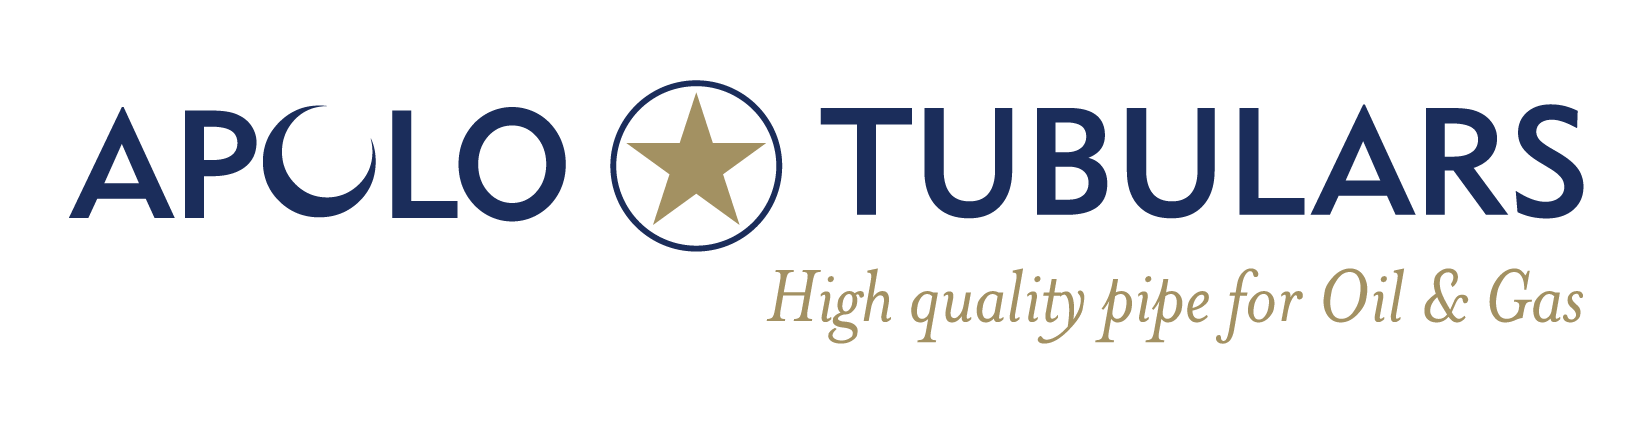 A Apolo Tubulars é uma empresa focada na produção de tubos de aço de alta qualidade, soldados por resistência elétrica com indução de alta frequência, para a indústria de petróleo e gás e outros segmentos do setor de energia